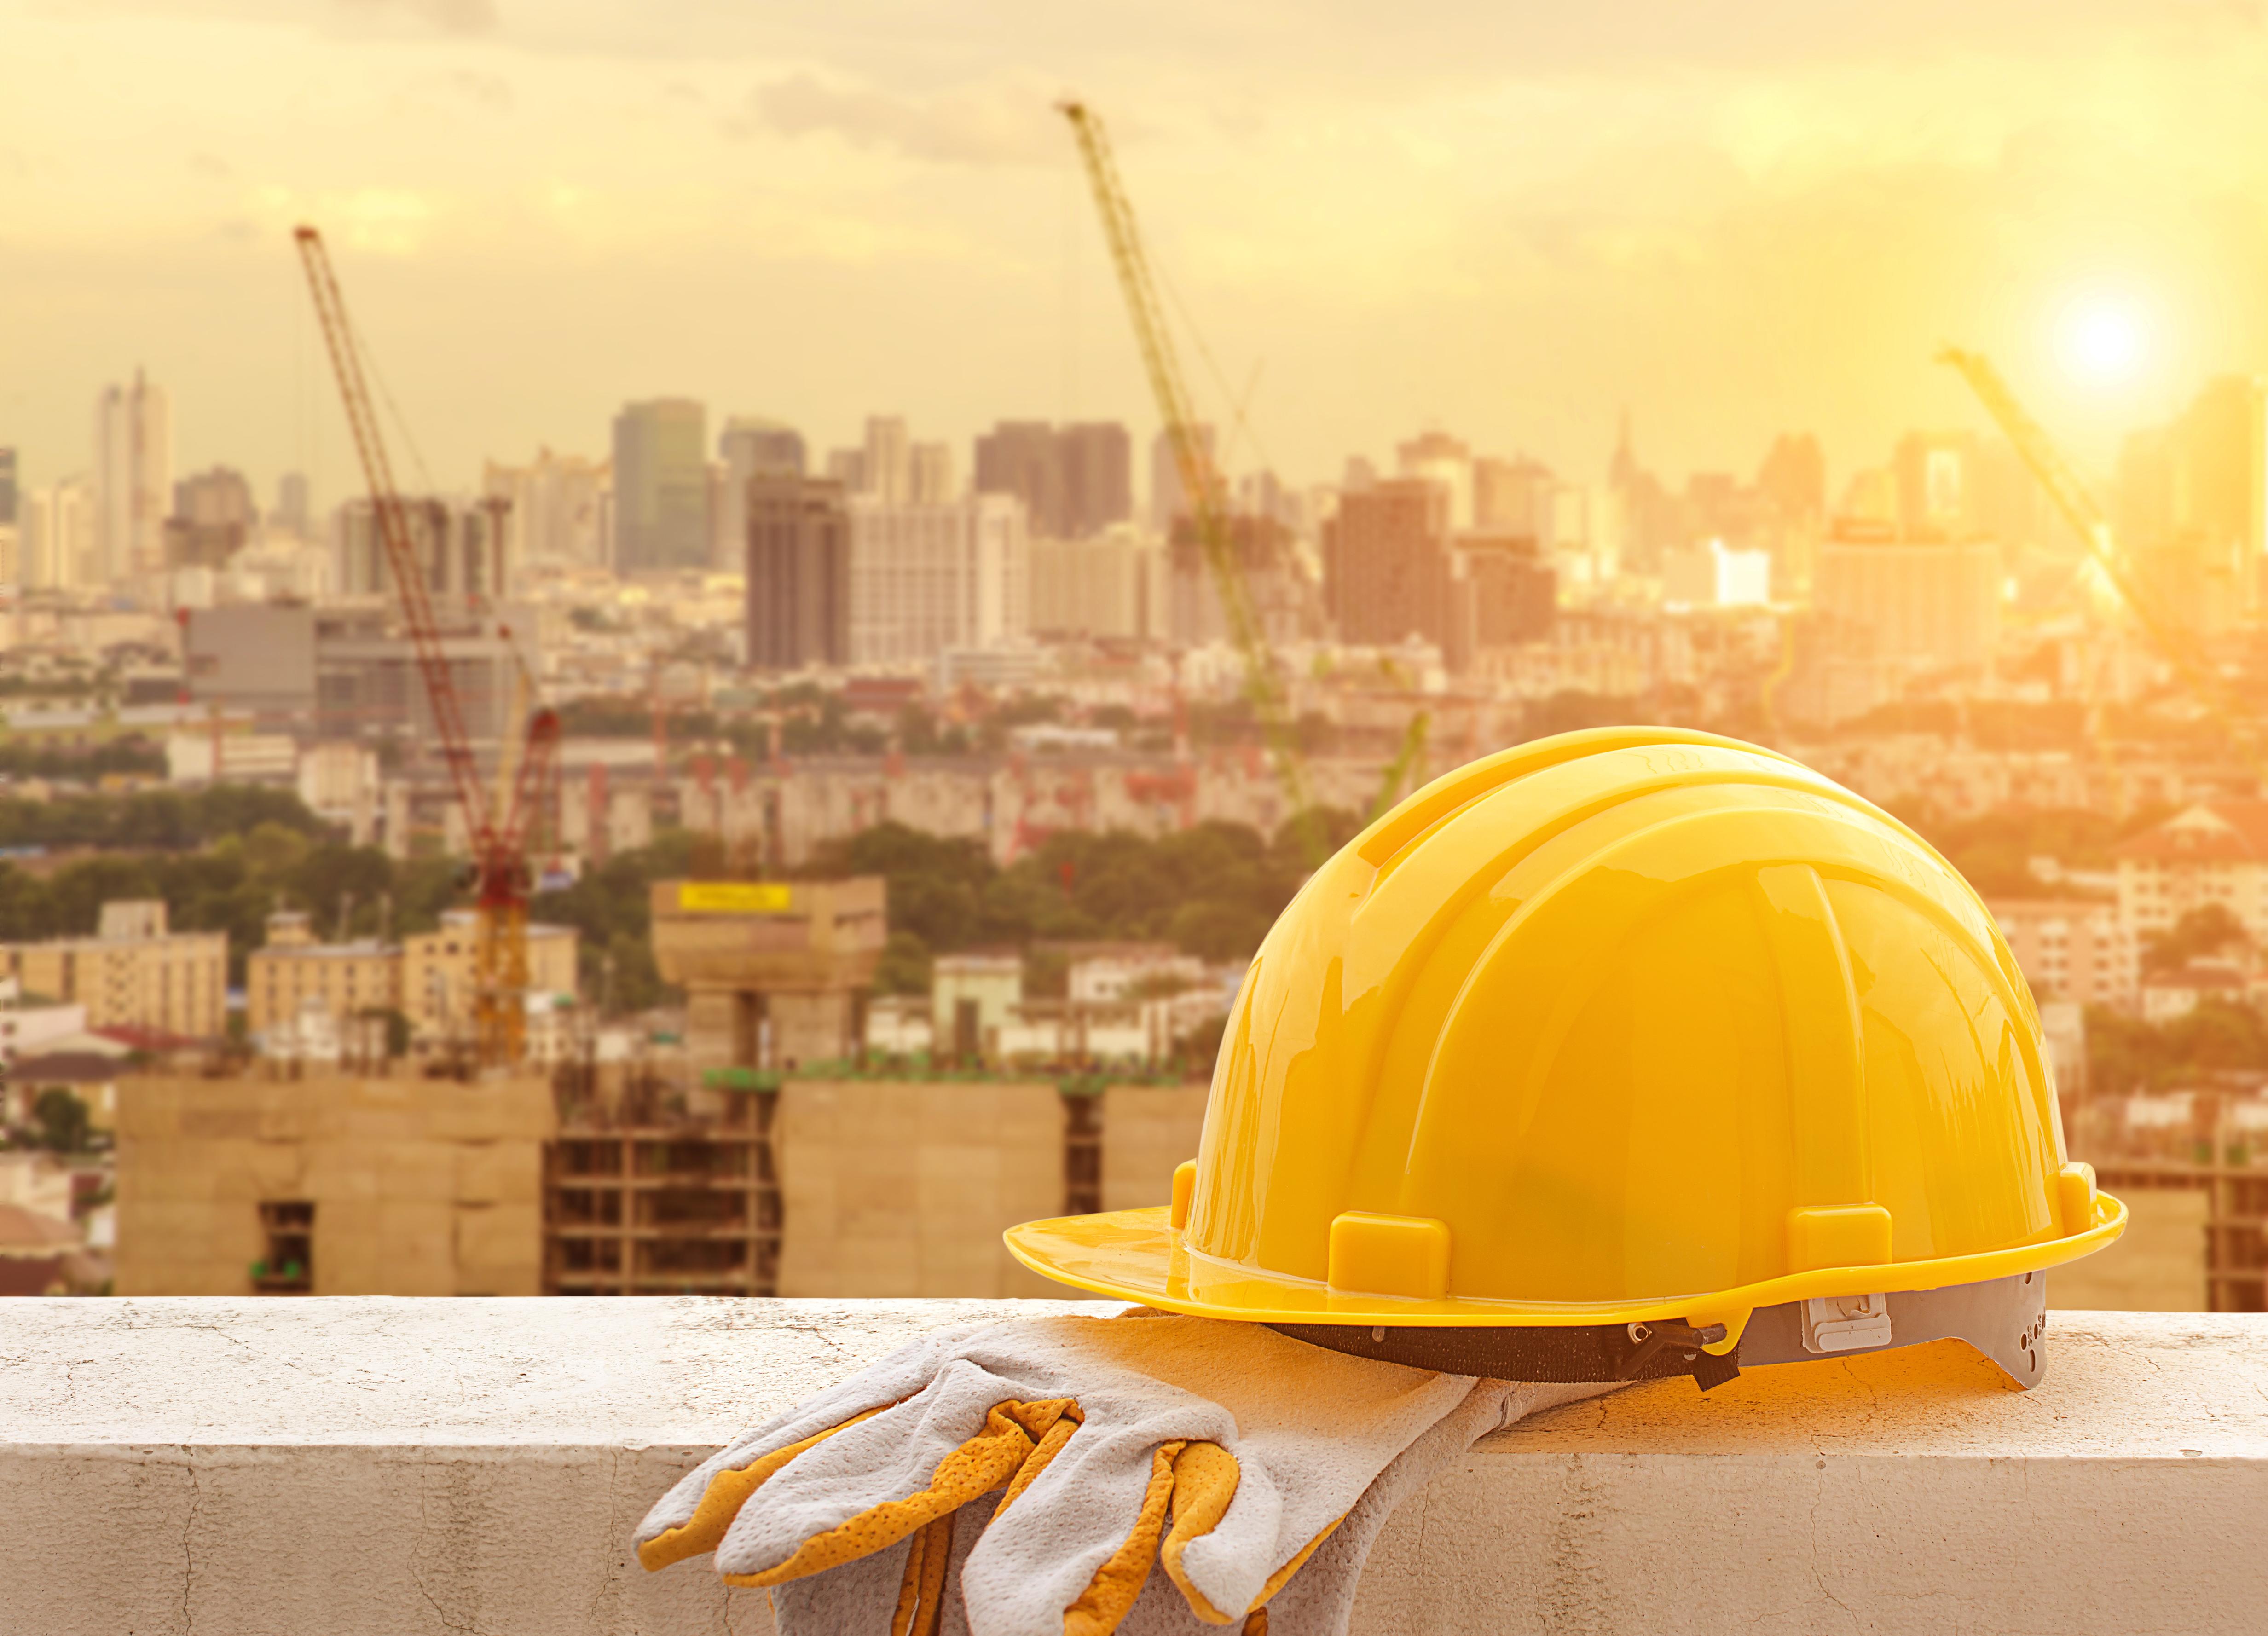 Строители прибыли. Фото: shutterstock